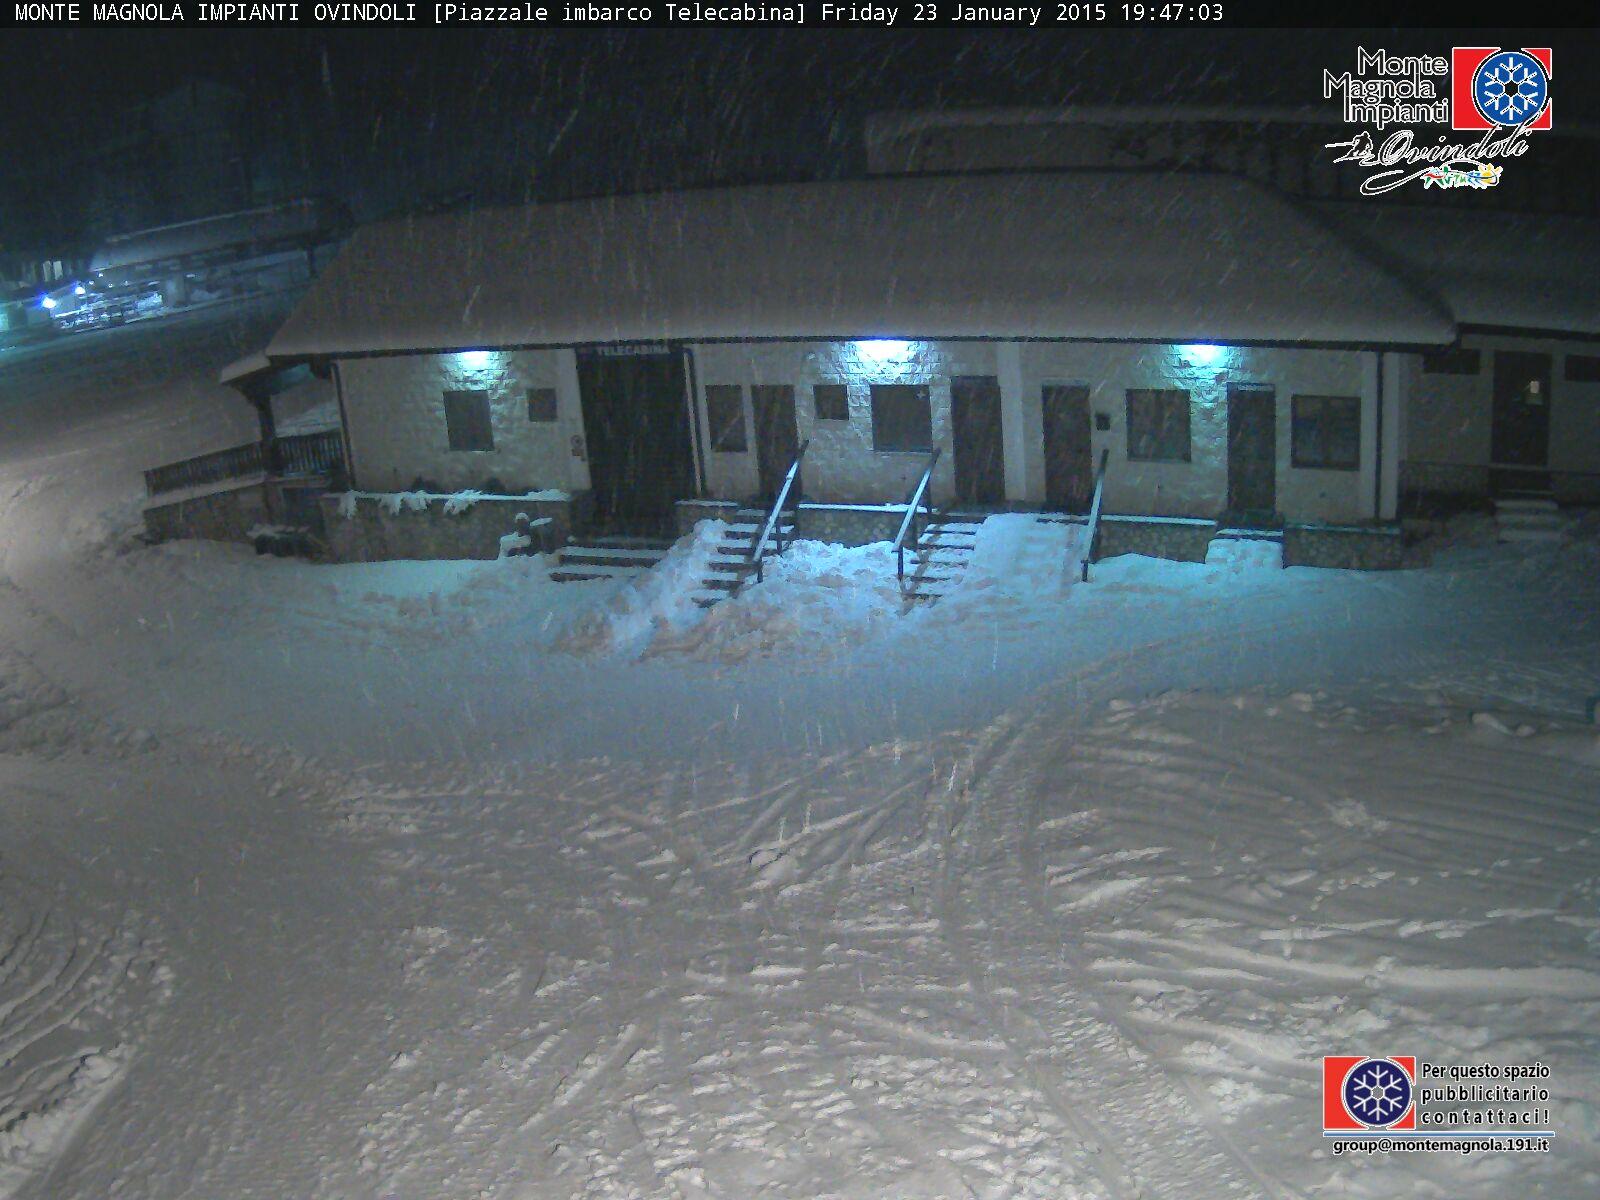 Forte nevicata in atto a Ovindoli